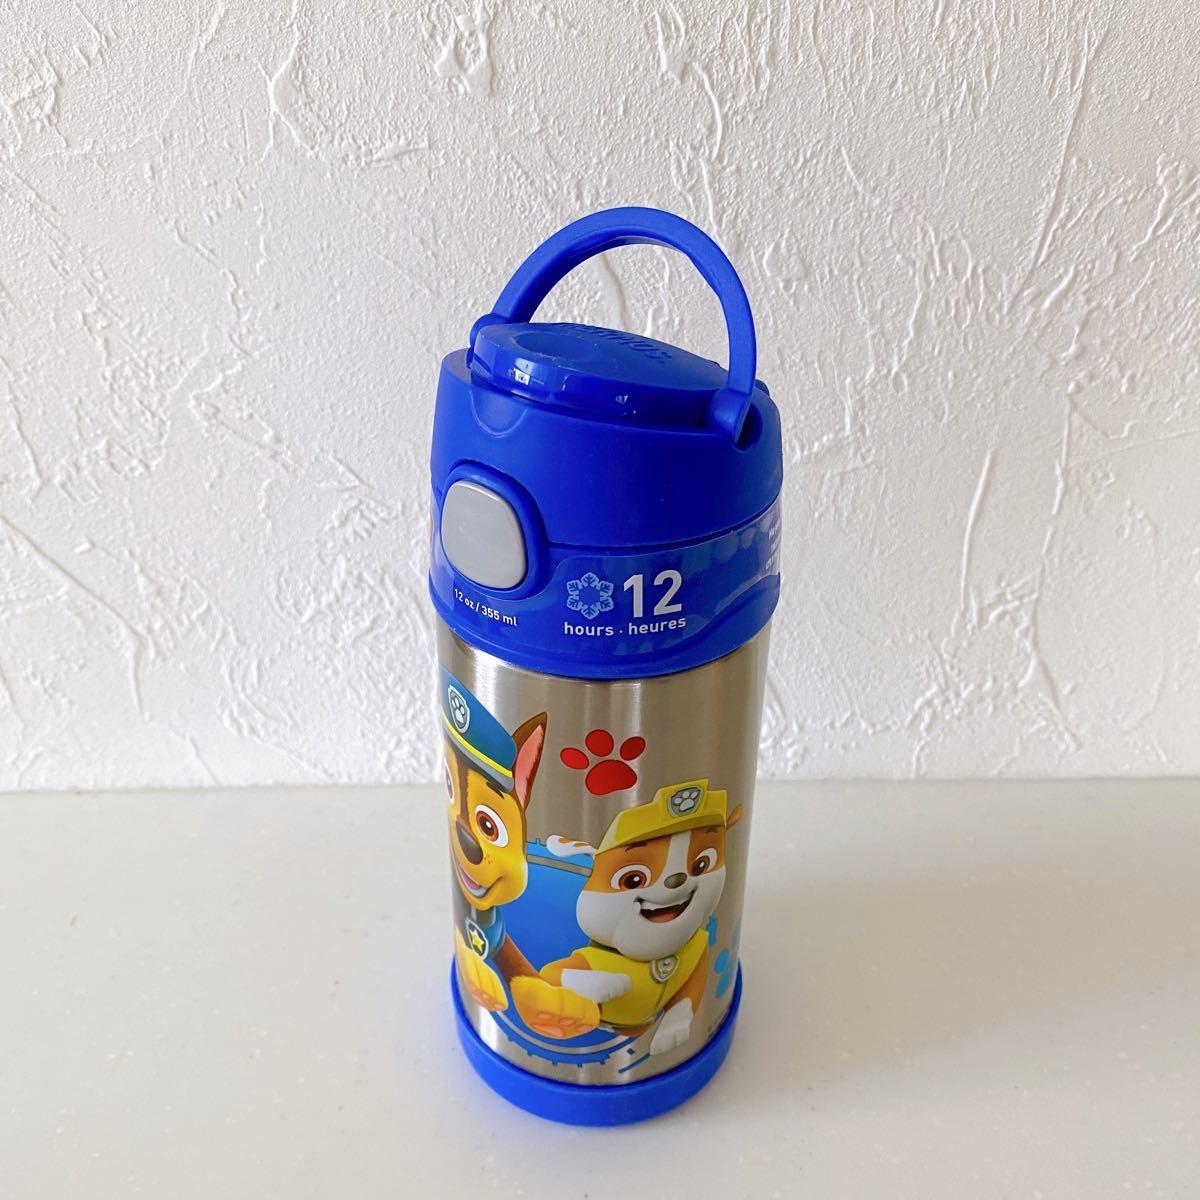 水筒 パウパトロール サーモス 真空断熱 ストロー パウパト 弁当 F401 保冷 マグボトル ステンレスタンブラー